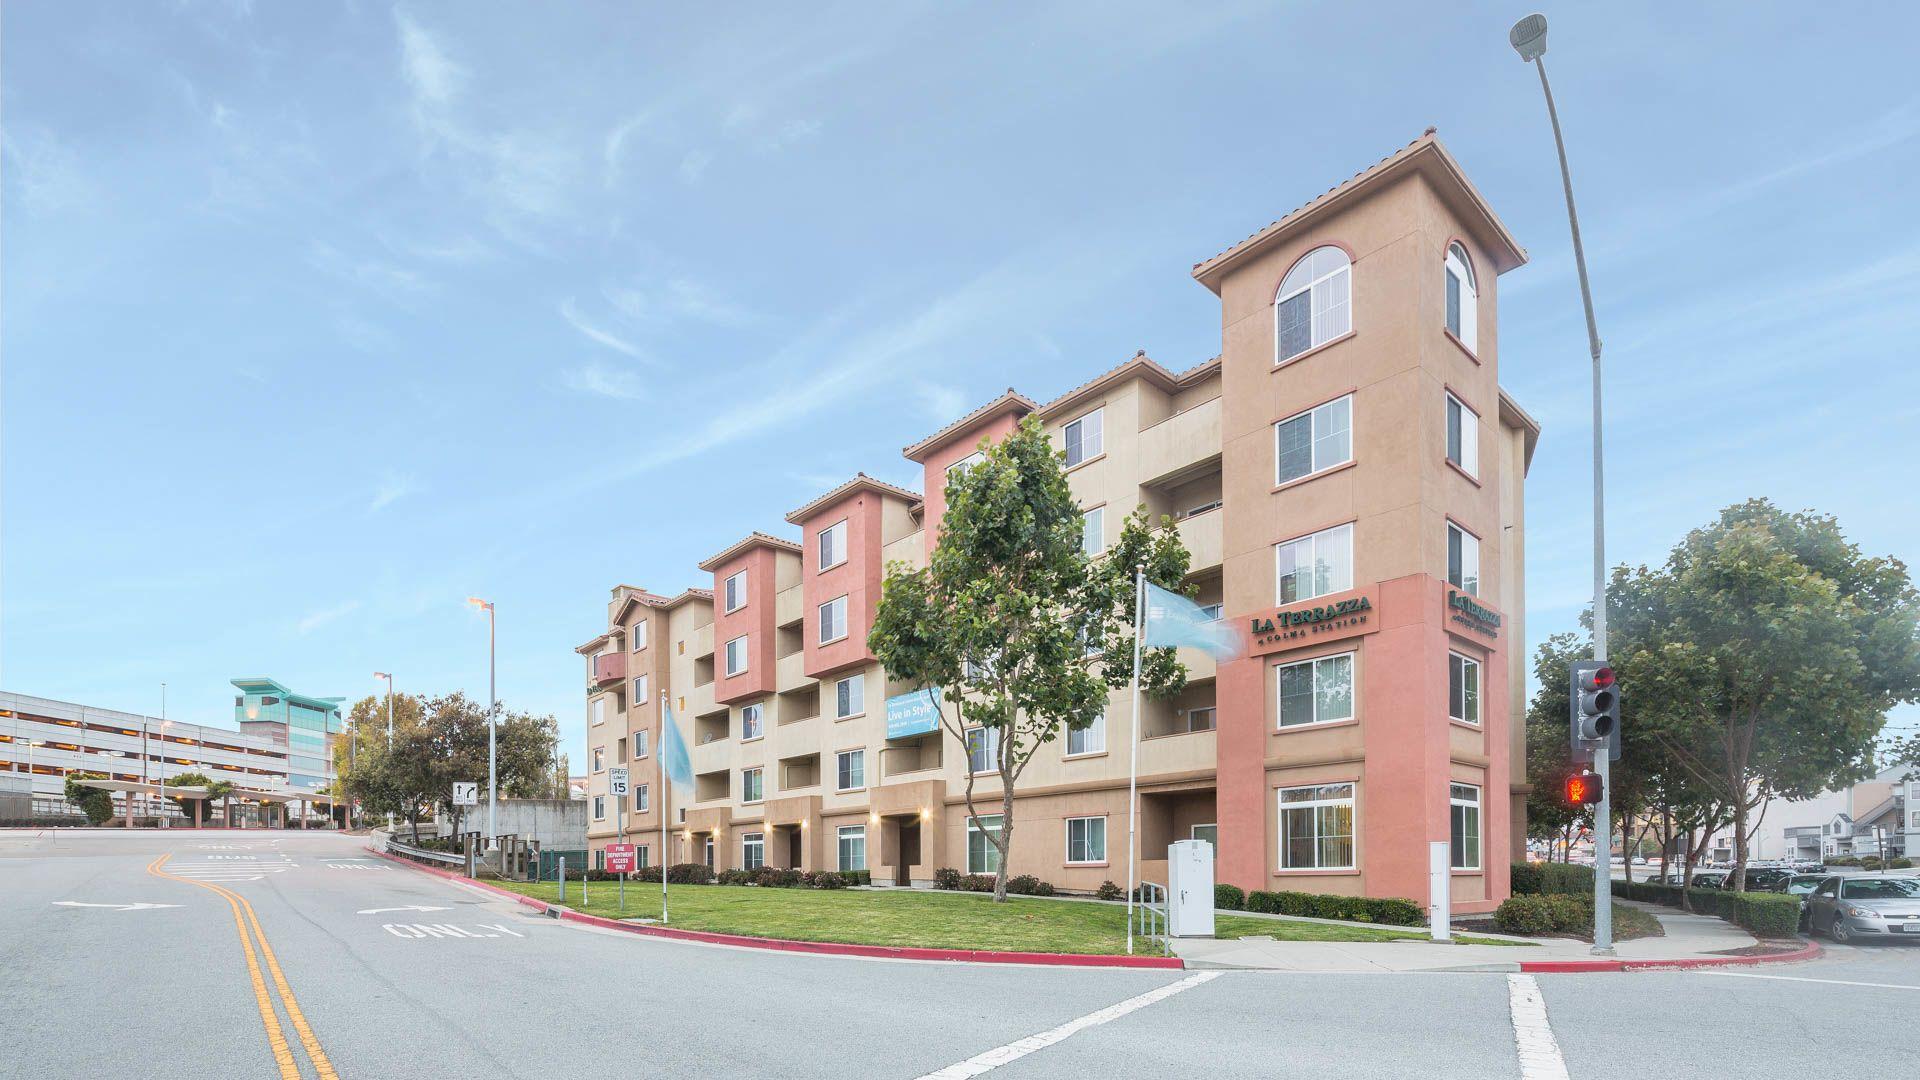 La Terrazza Apartments - Exterior